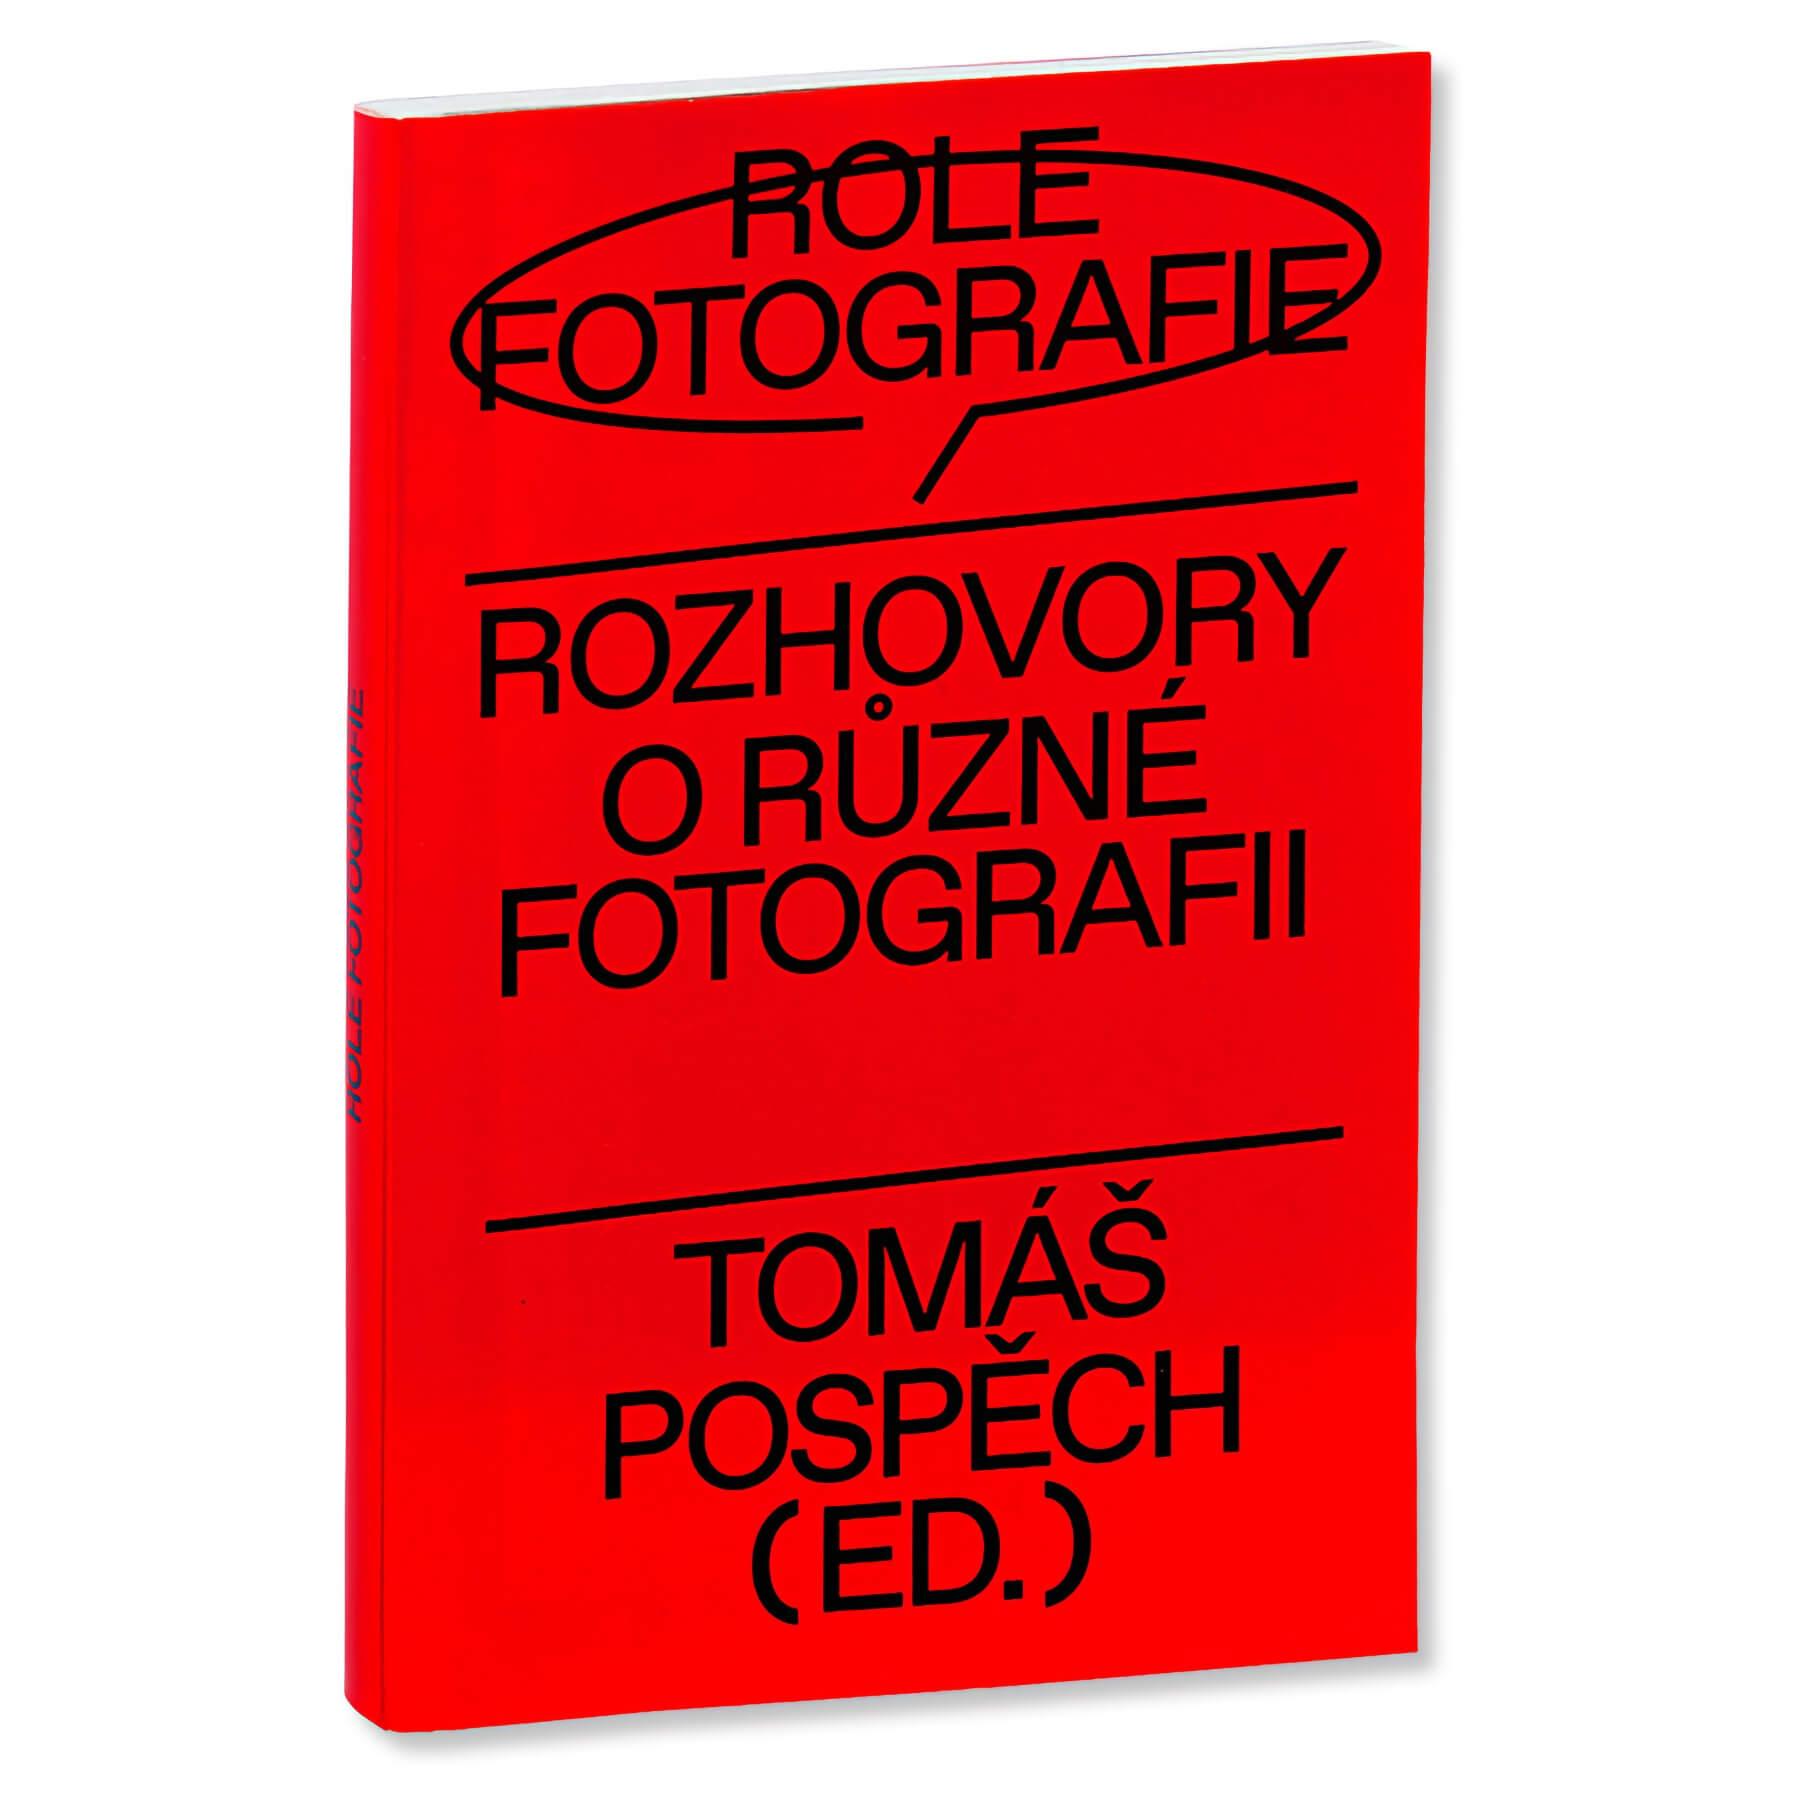 Knihu vydalo nakladatelství PositiF (www.positif.cz) v roce 2019